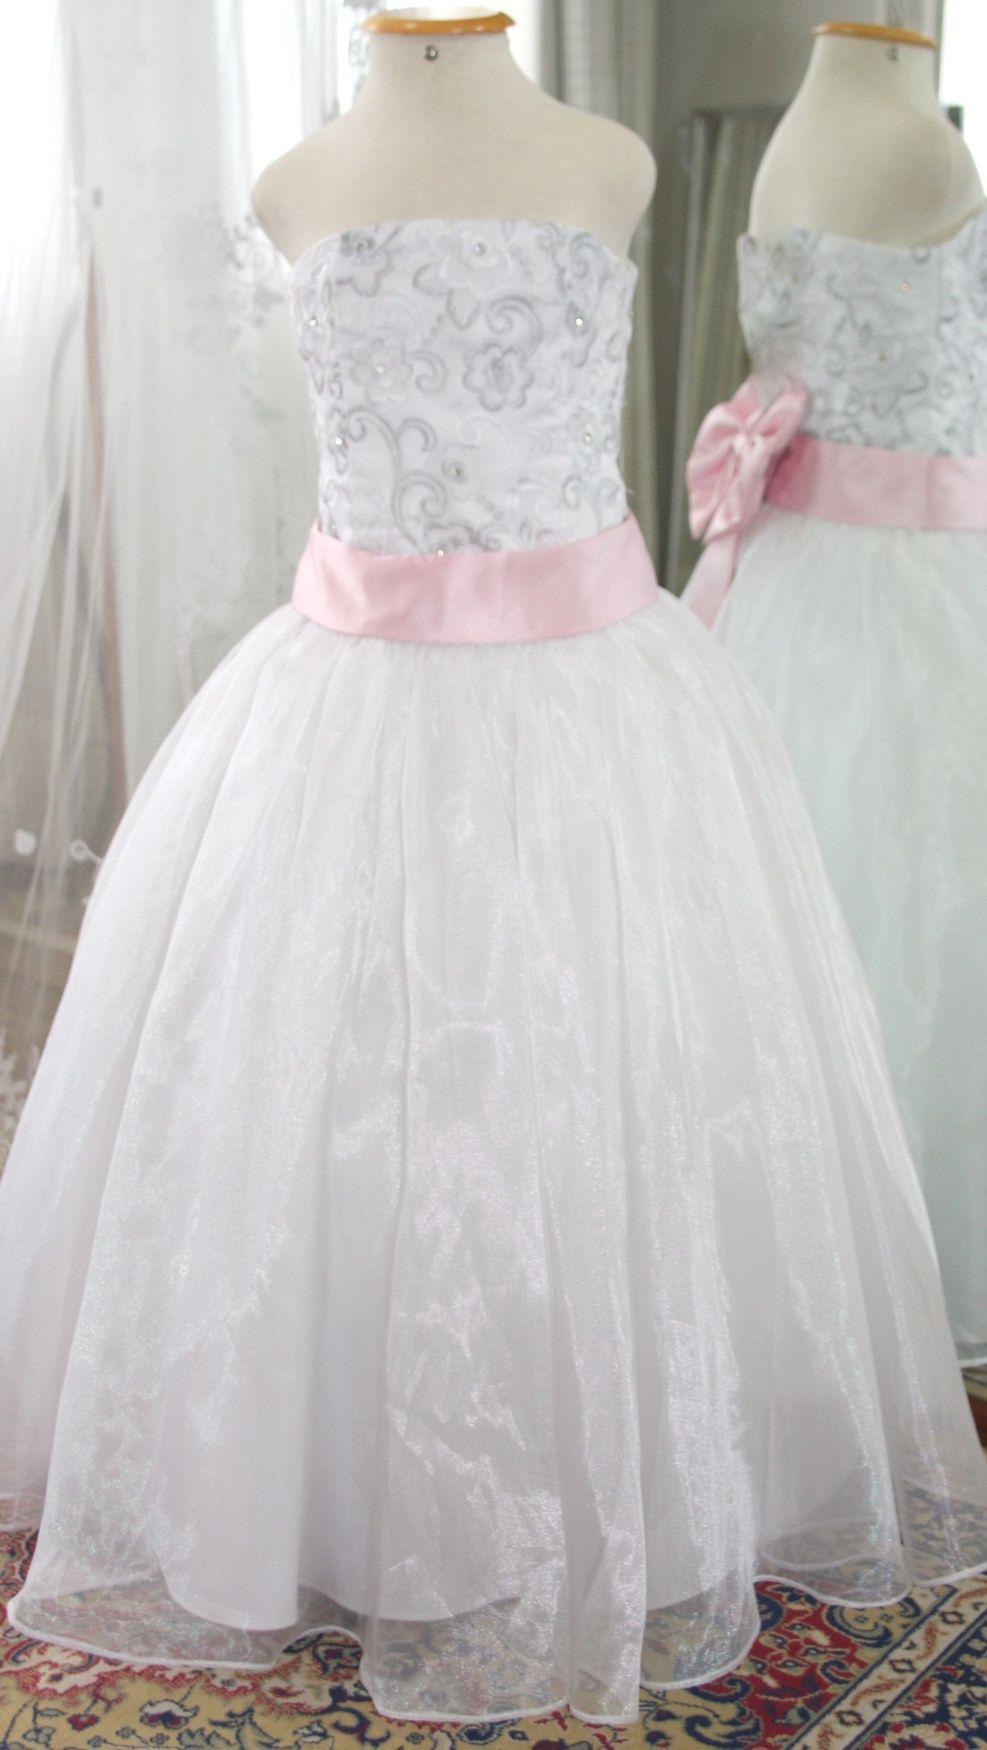 Vestidos para Daminha - 133 - Hipnose Alta Costura e Spa para Noivas e Noivos - Campinas - SP Vestido de Daminha, Vestido para Daminha de Casamento, Hipnose Alta Costura